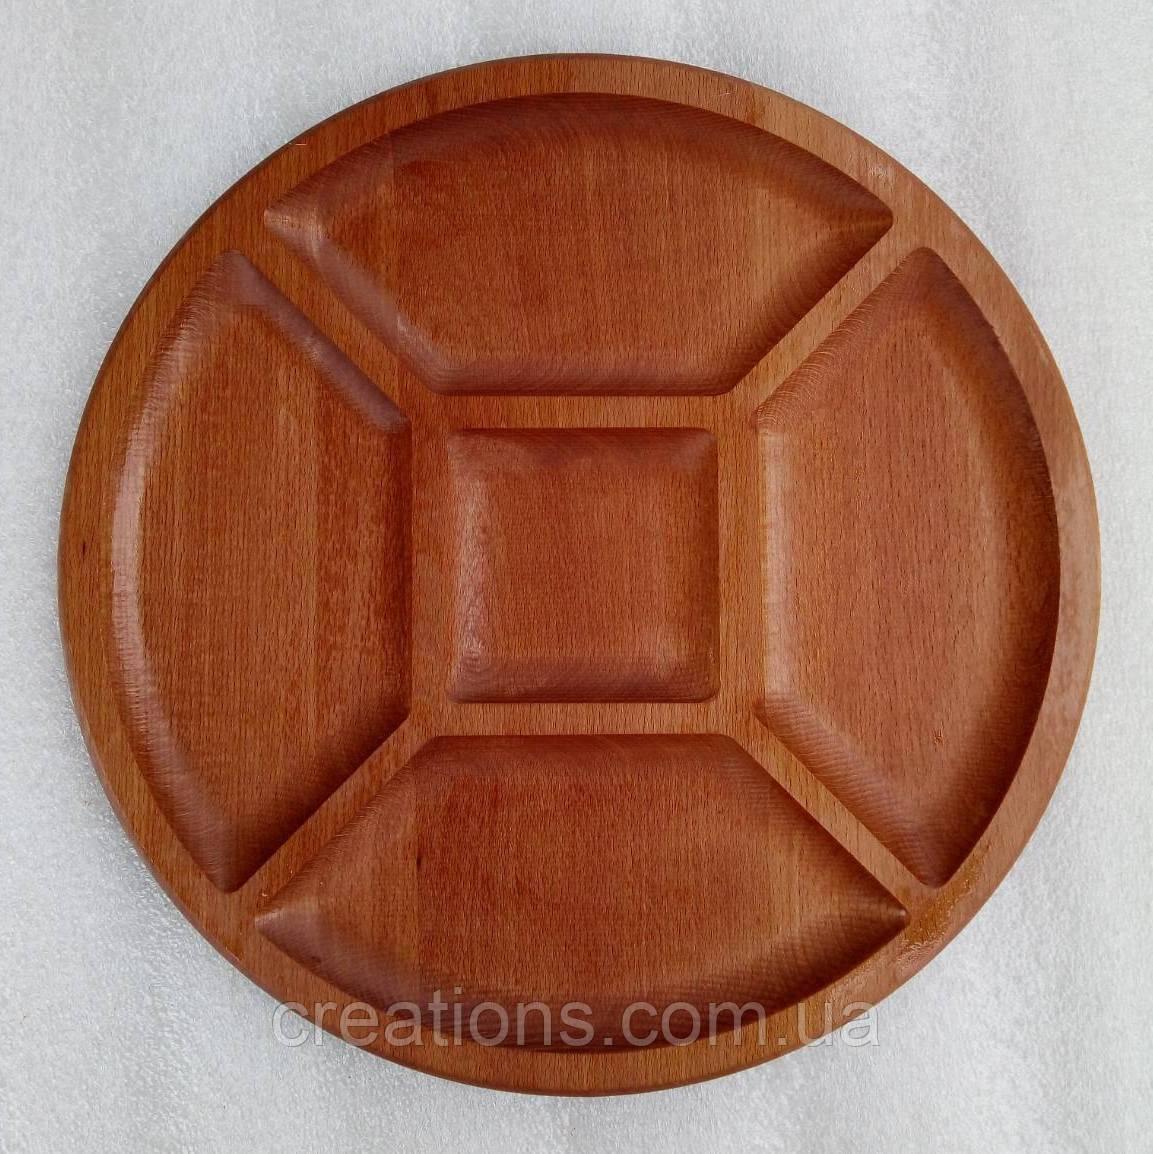 Менажница деревянная 30 см. круглая на 4 секции с соусницей из бука БМ-54